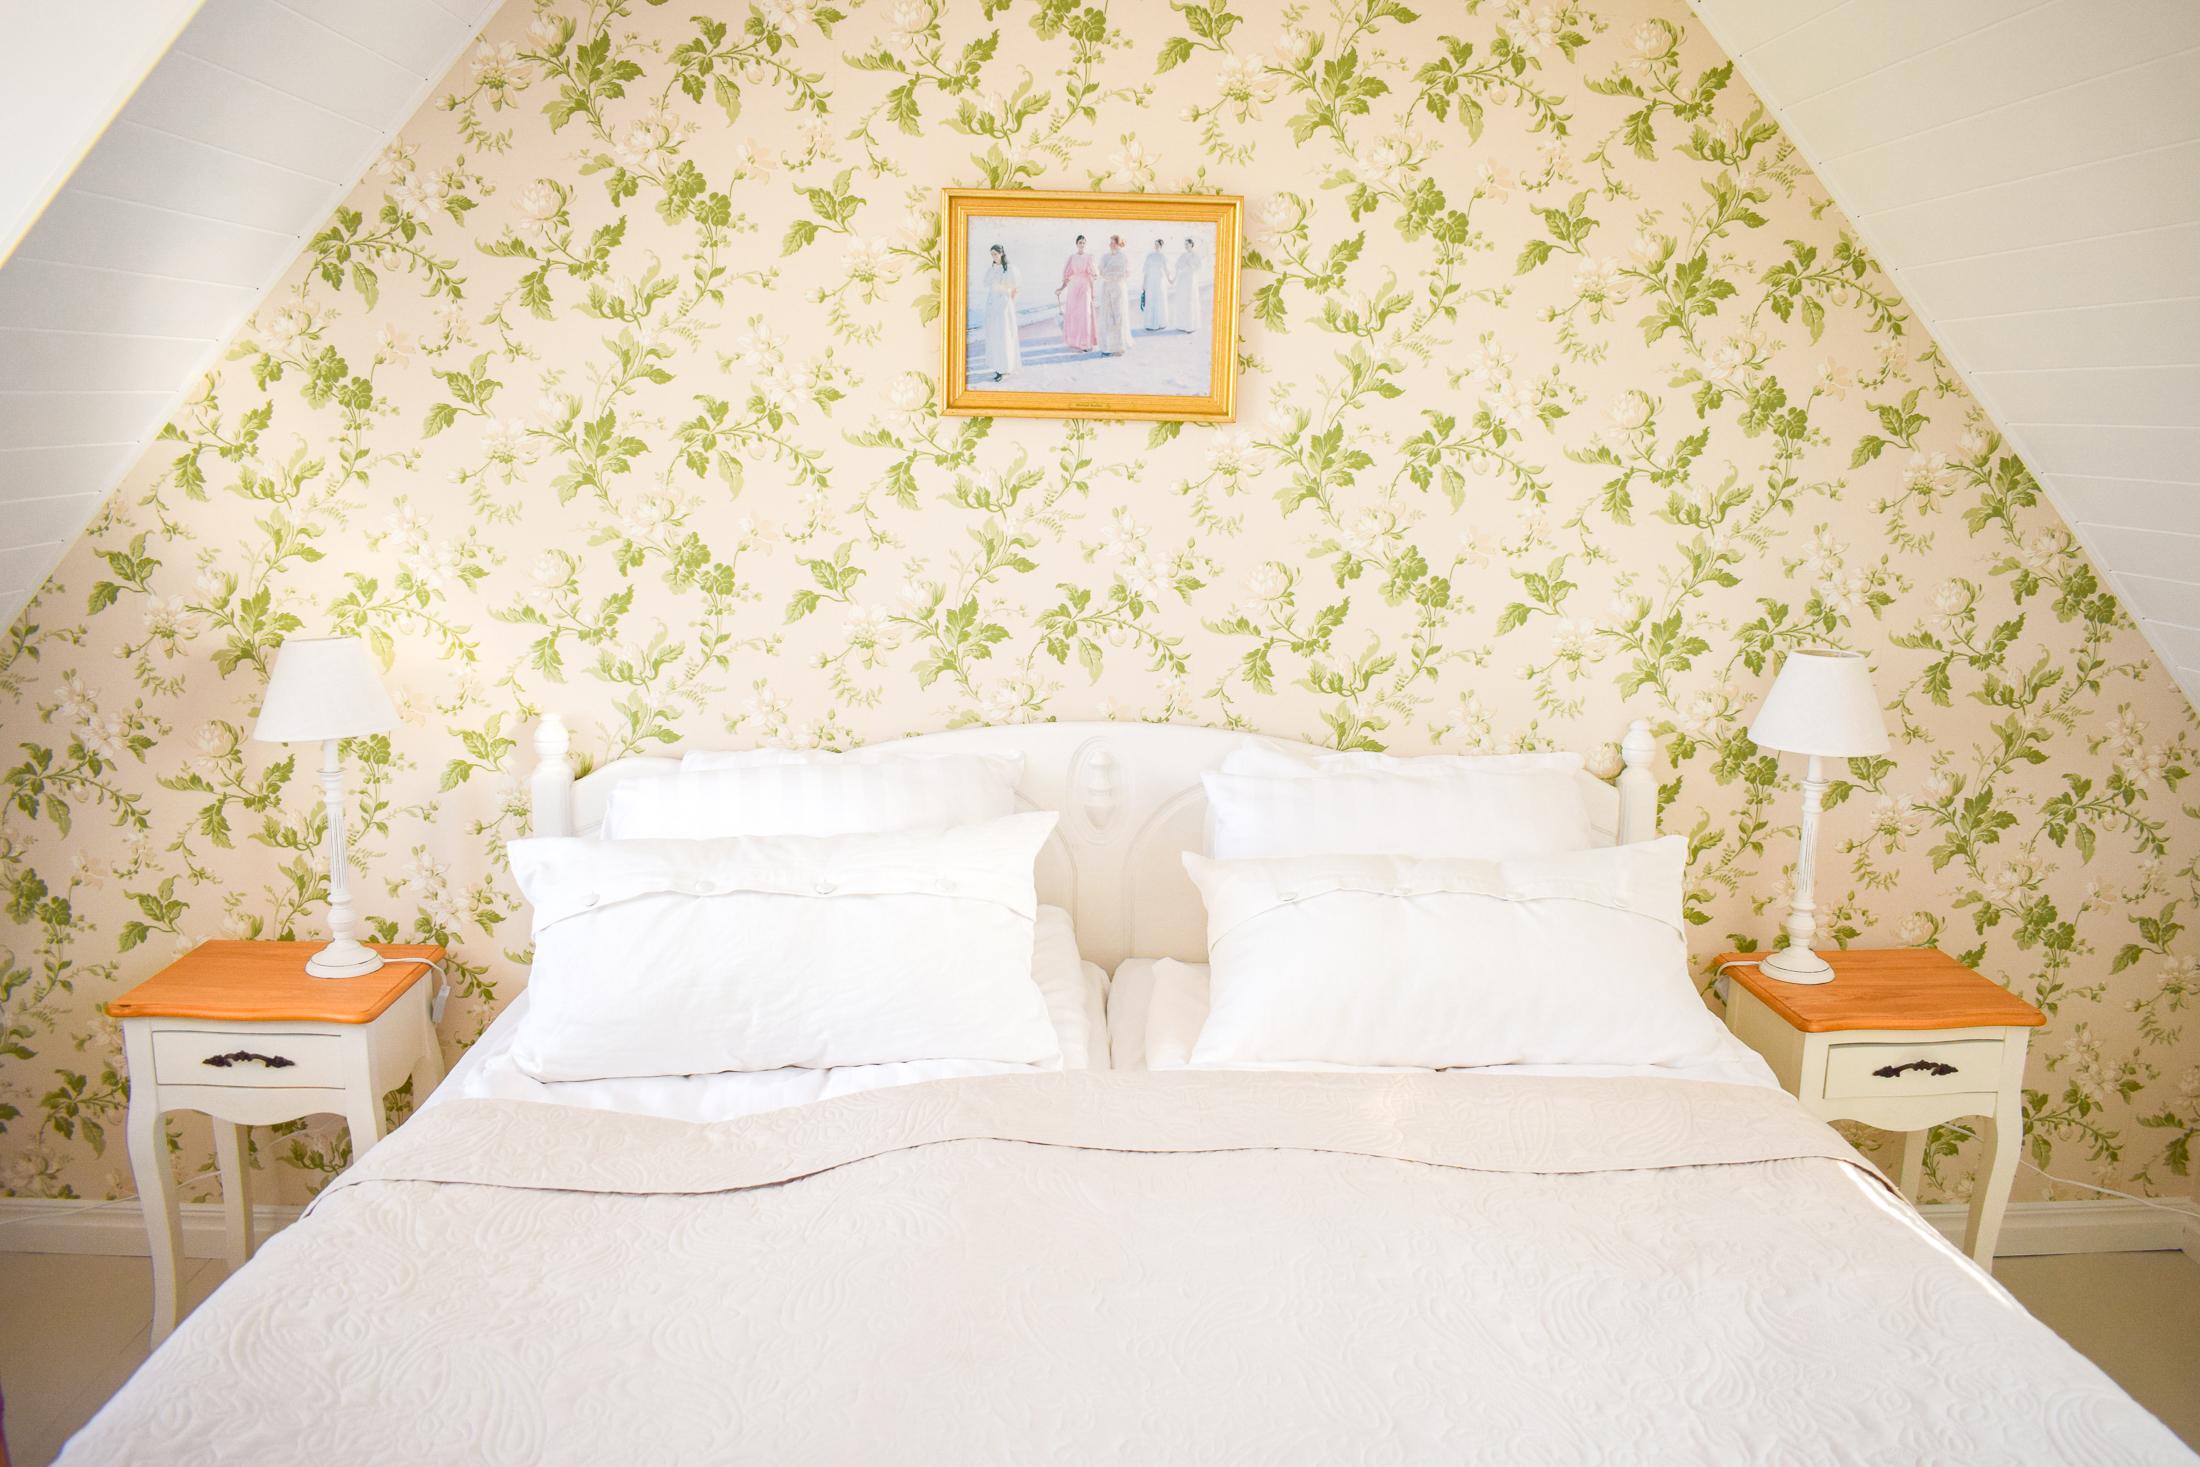 säng och sängbord på boende på österlen.